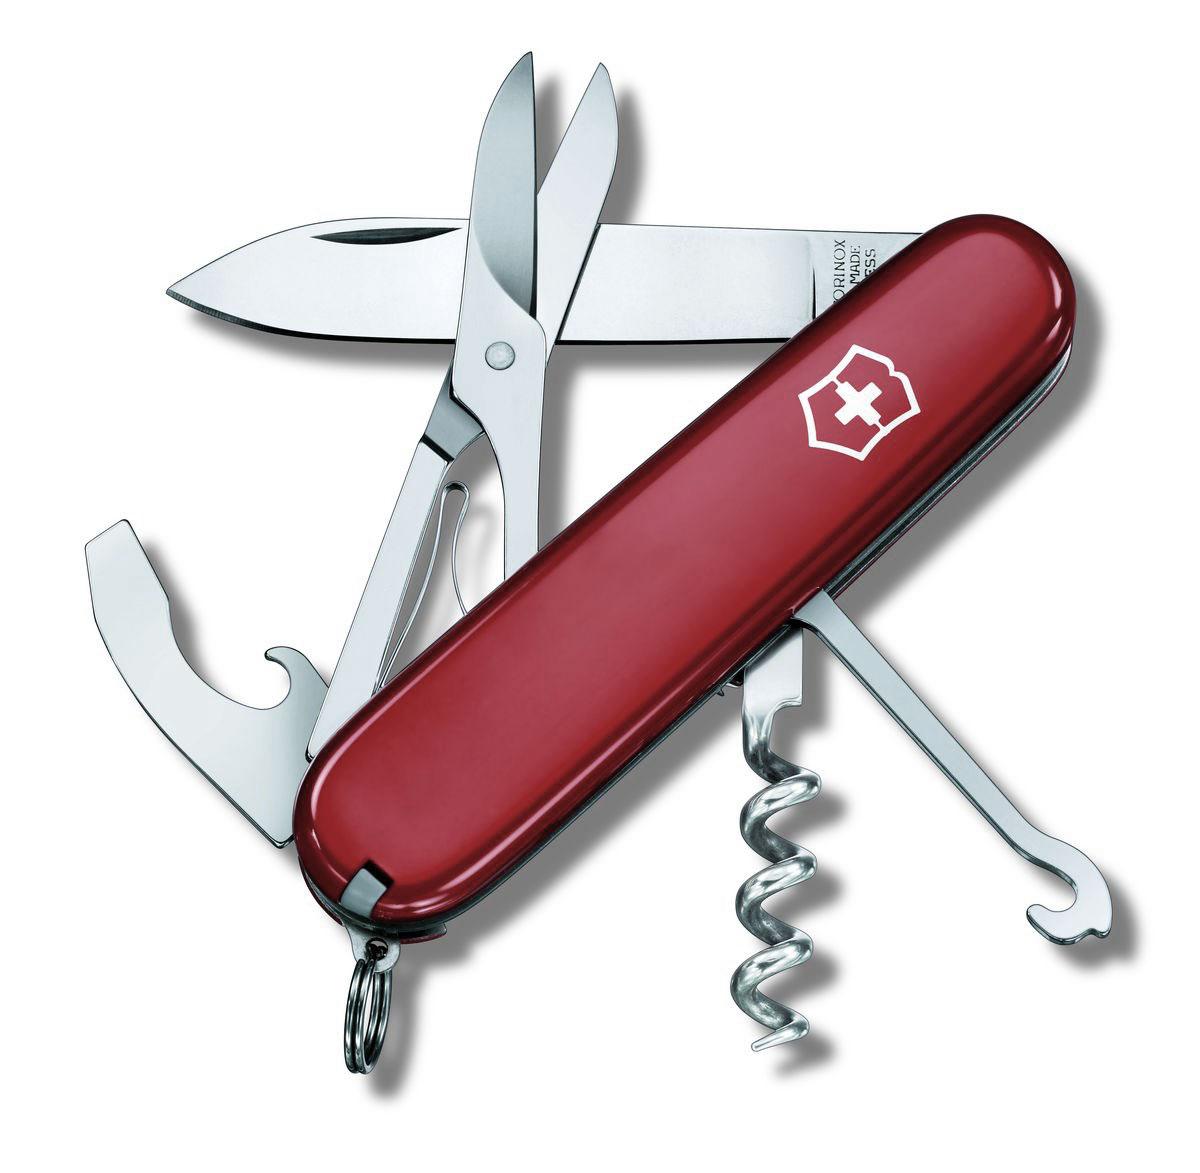 Нож перочинный Victorinox Compact, цвет: красный, 15 функций, 9,1 см1.3405Лезвие перочинного складного ножа Victorinox Compact изготовлено из высококачественной нержавеющей стали. Ручка, выполненная из прочного пластика, обеспечивает надежный и удобный хват.Хорошее качество, надежный долговечный материал и эргономичная рукоятка - что может быть удобнее на природе или на пикнике!Функции ножа:Большое лезвие.Универсальный инструмент с открывалкой для бутылок, консервным ножом, отверткой и инструментом для снятия изоляции.Штопор.Ножницы.Многофункциональный крючок с пилкой для ногтей.Кольцо для ключей.Пинцет.Зубочистка.Шариковая ручка.Булавка из нержавеющей стали.Мини-отвертка.Длина ножа в сложенном виде: 9,1 см.Длина ножа в разложенном виде: 16 см.